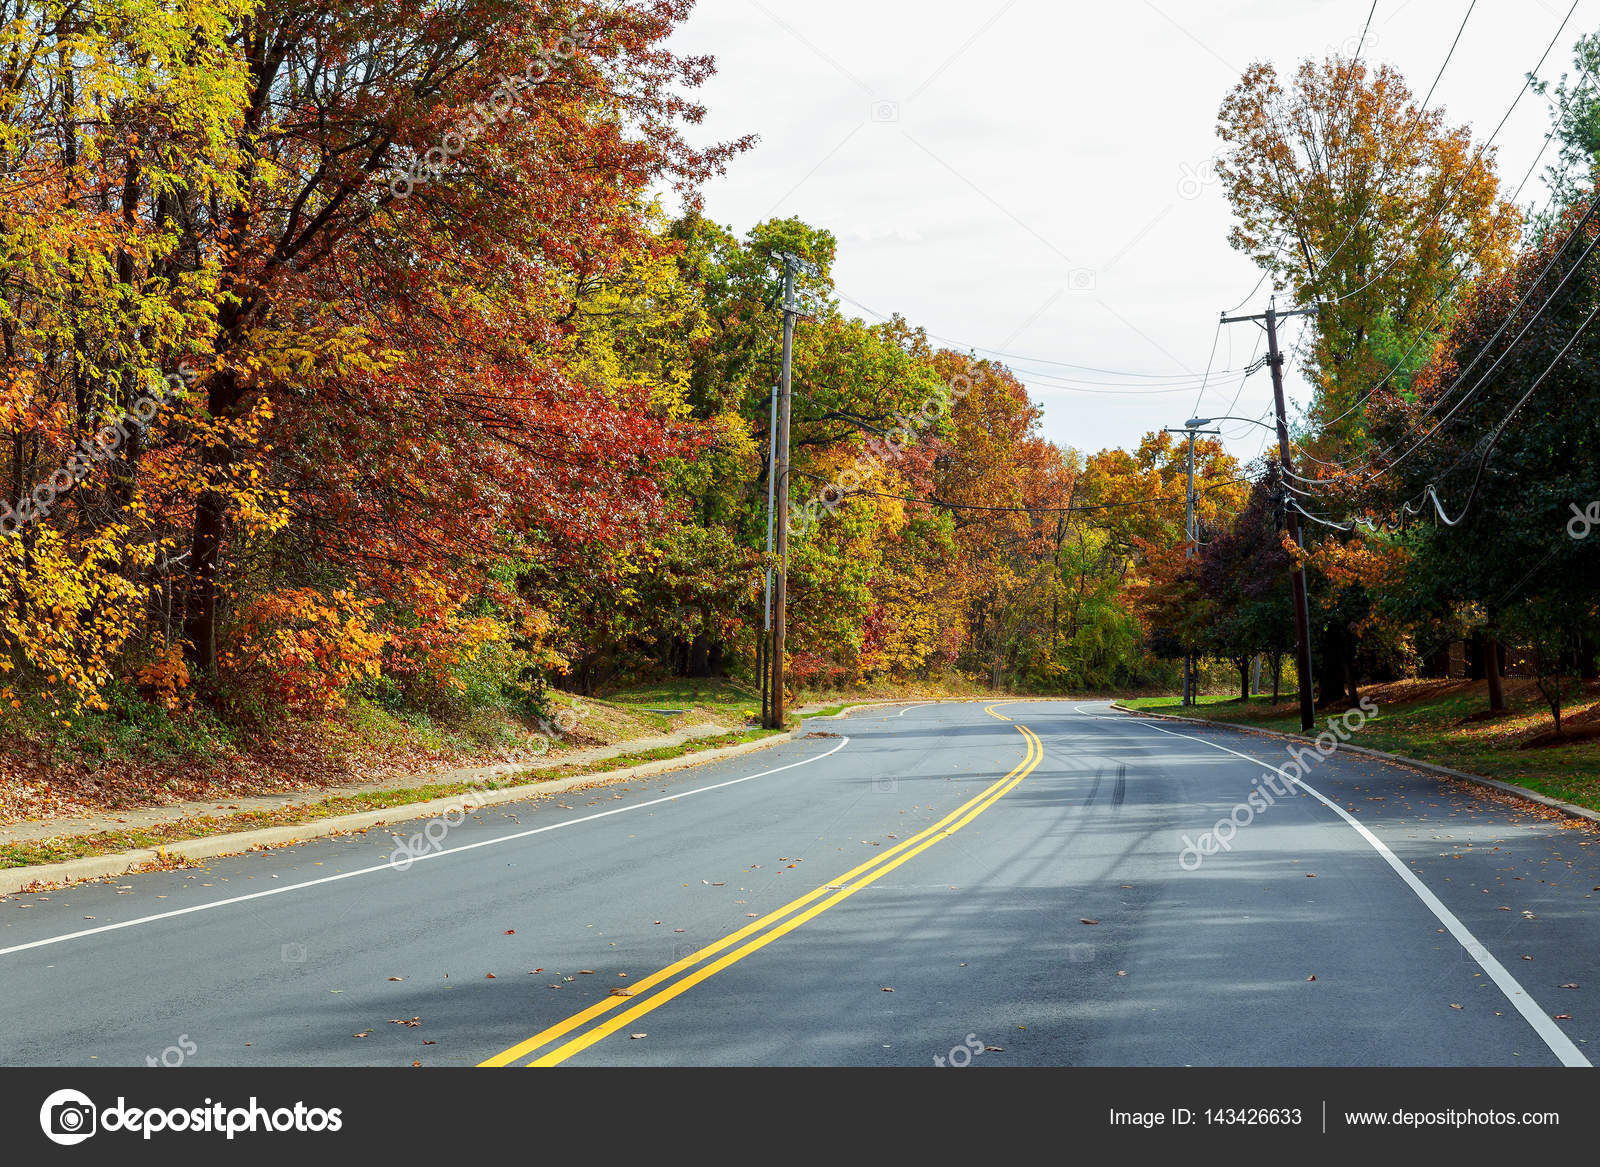 Kleurplaten Zonsondergang.Kleurrijke Herfst Zonsondergang Met Zonnestralen Kleuren De Wolken